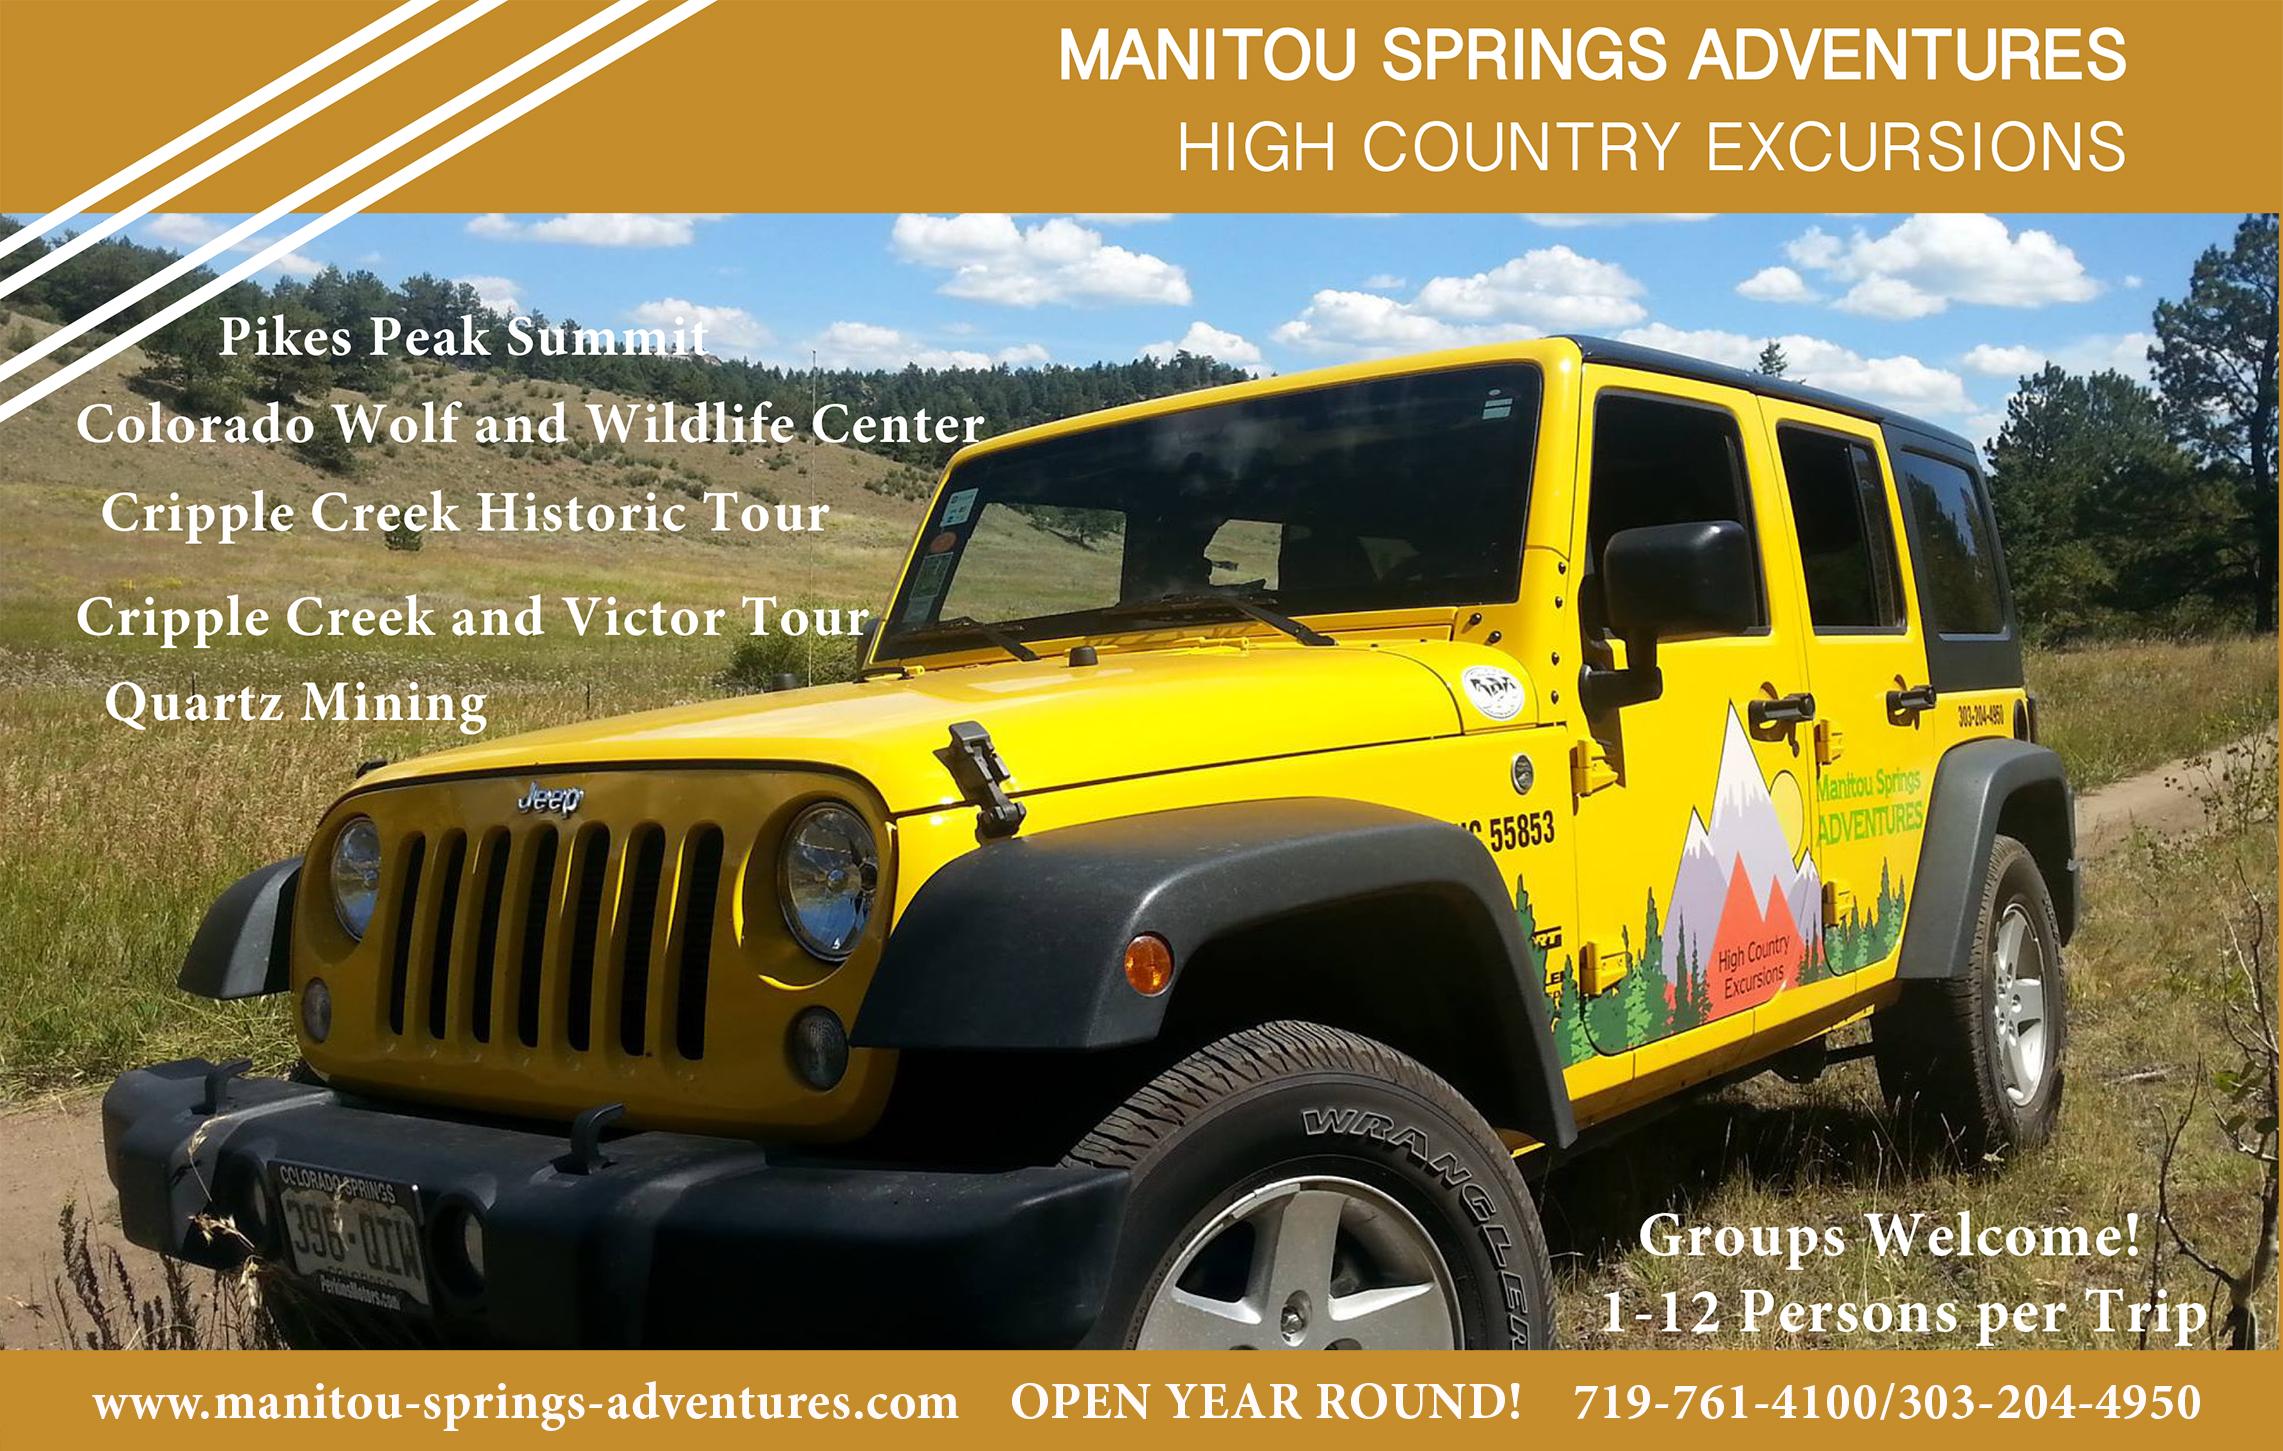 ManitouSpringsAdventures_1_2_H